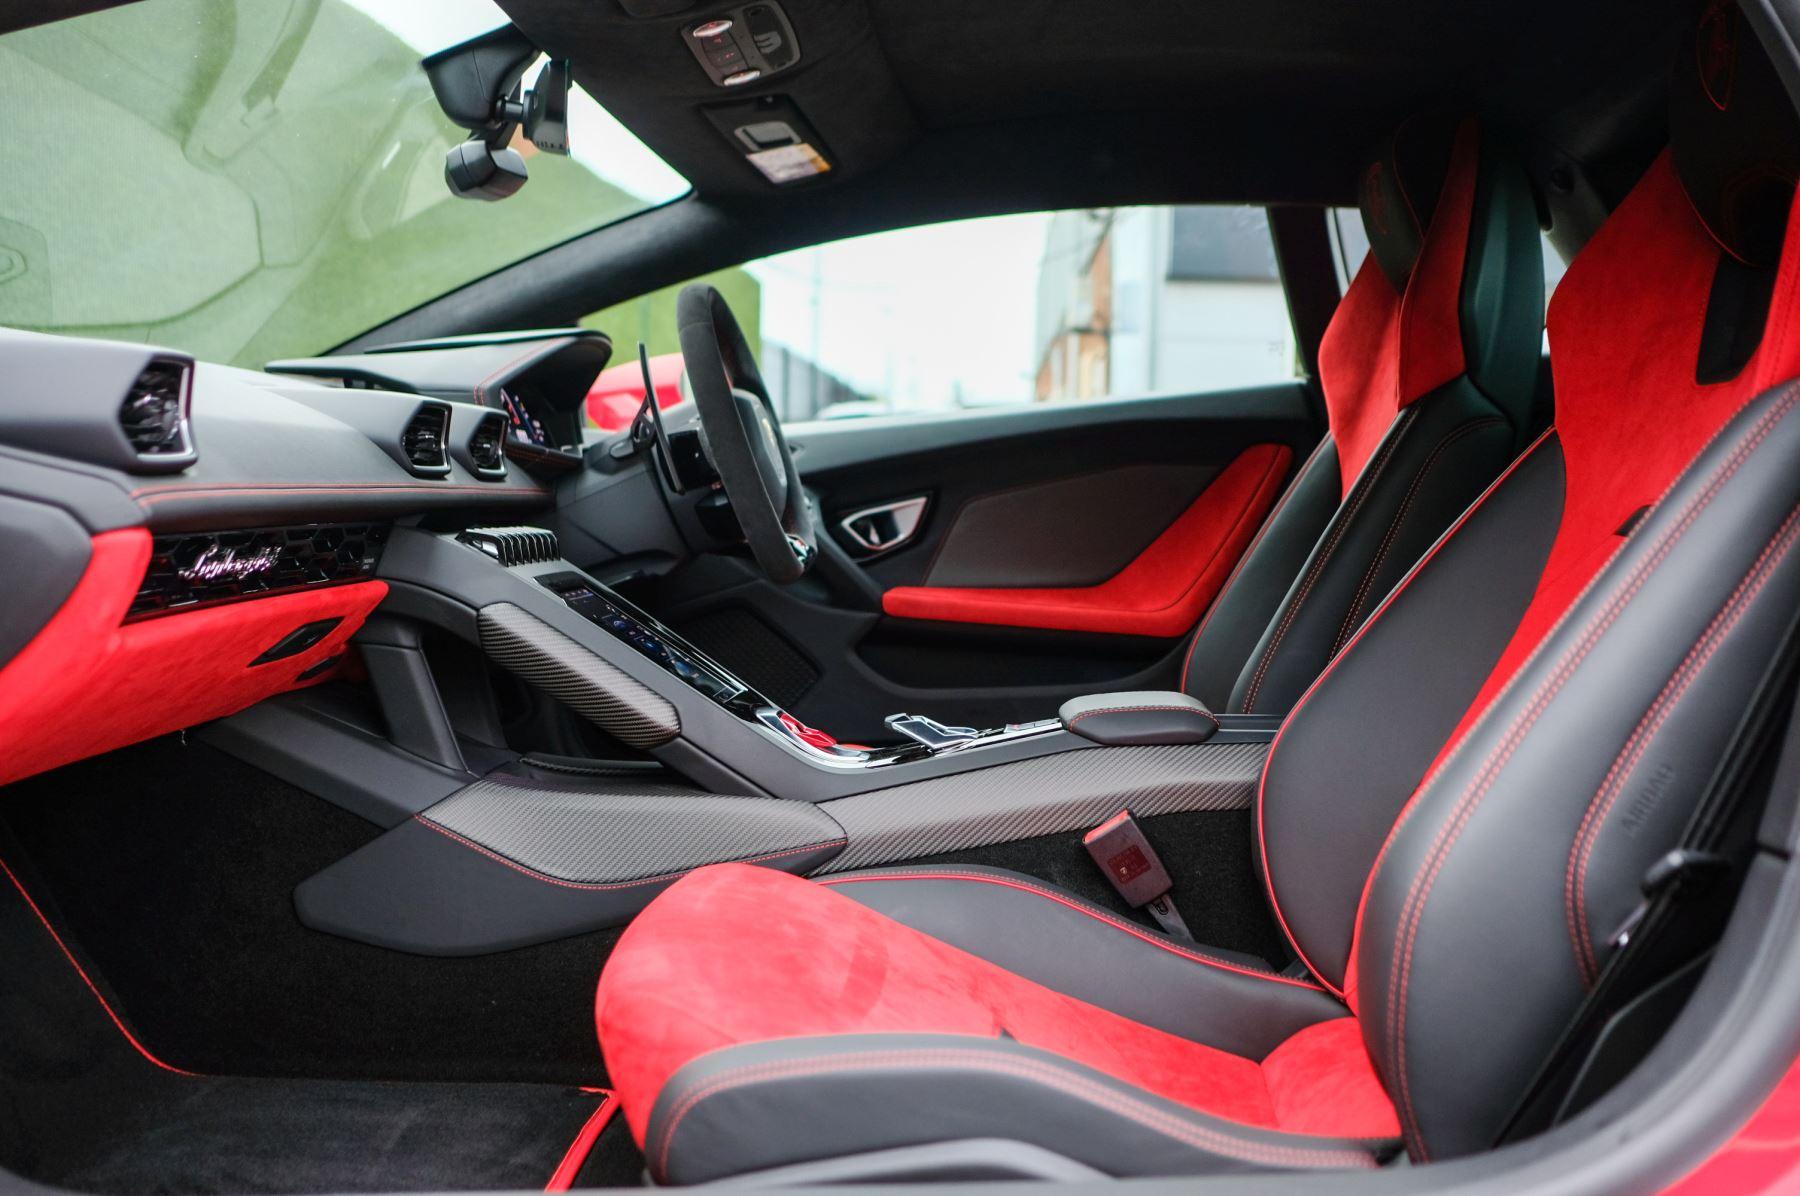 Lamborghini Huracan 5.2 V10 640 2dr Auto AWD image 6